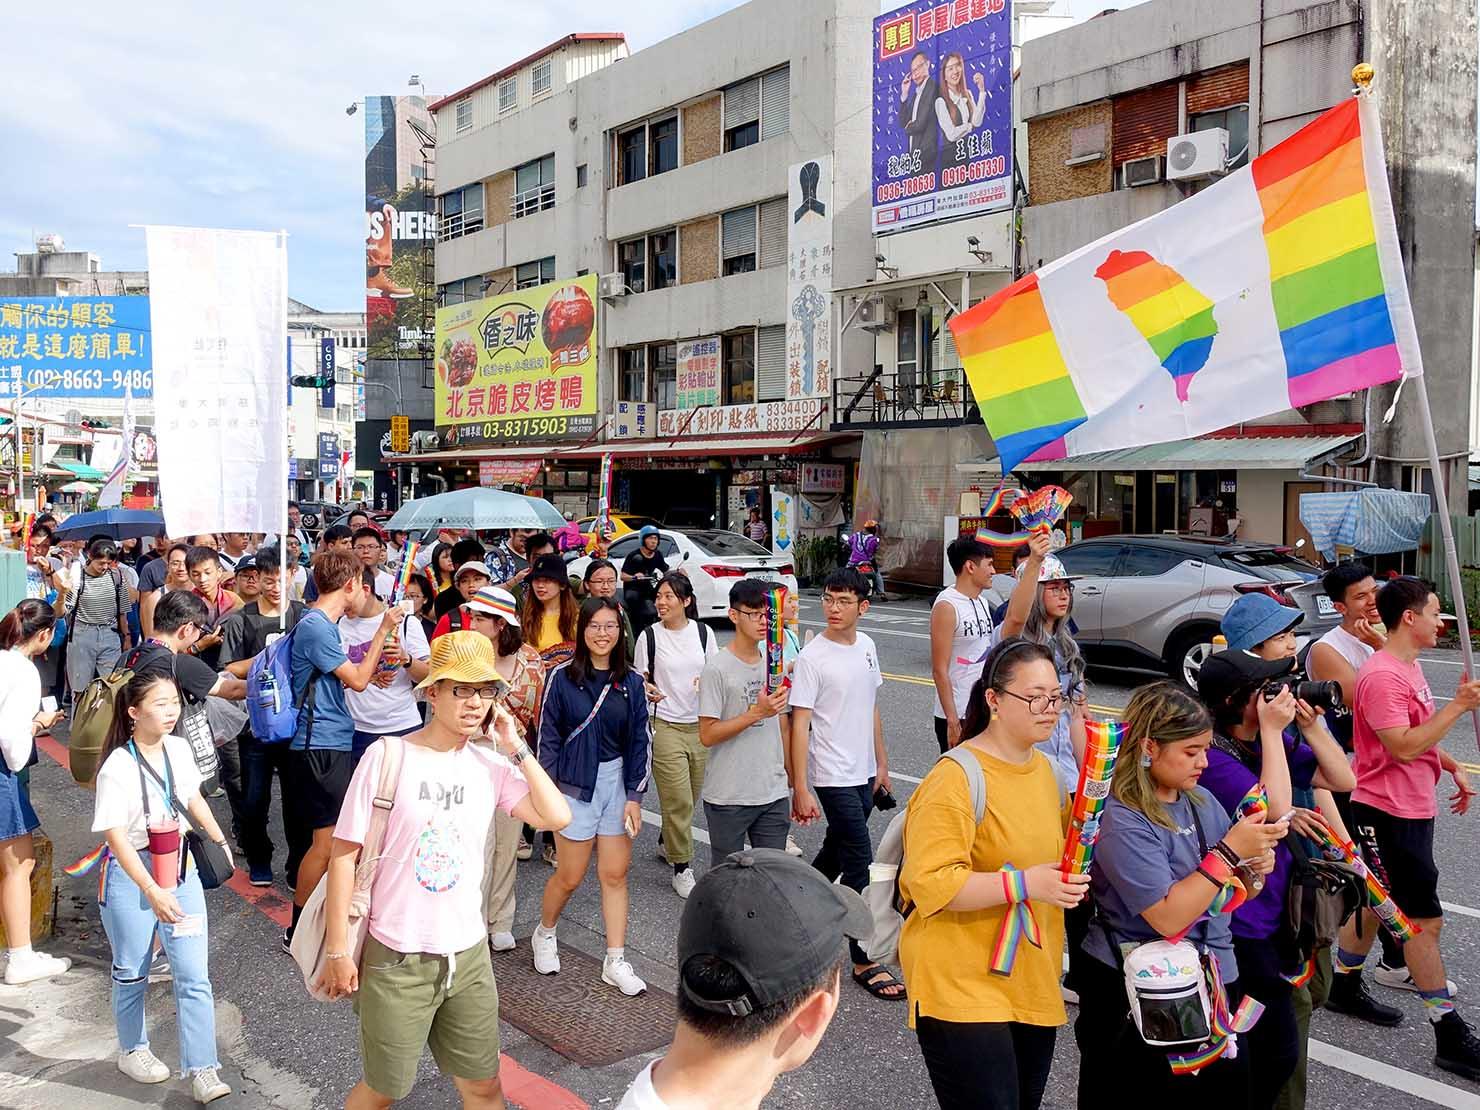 花東彩虹嘉年華(台湾東部LGBTプライド)でレインボーフラッグを掲げる参加者